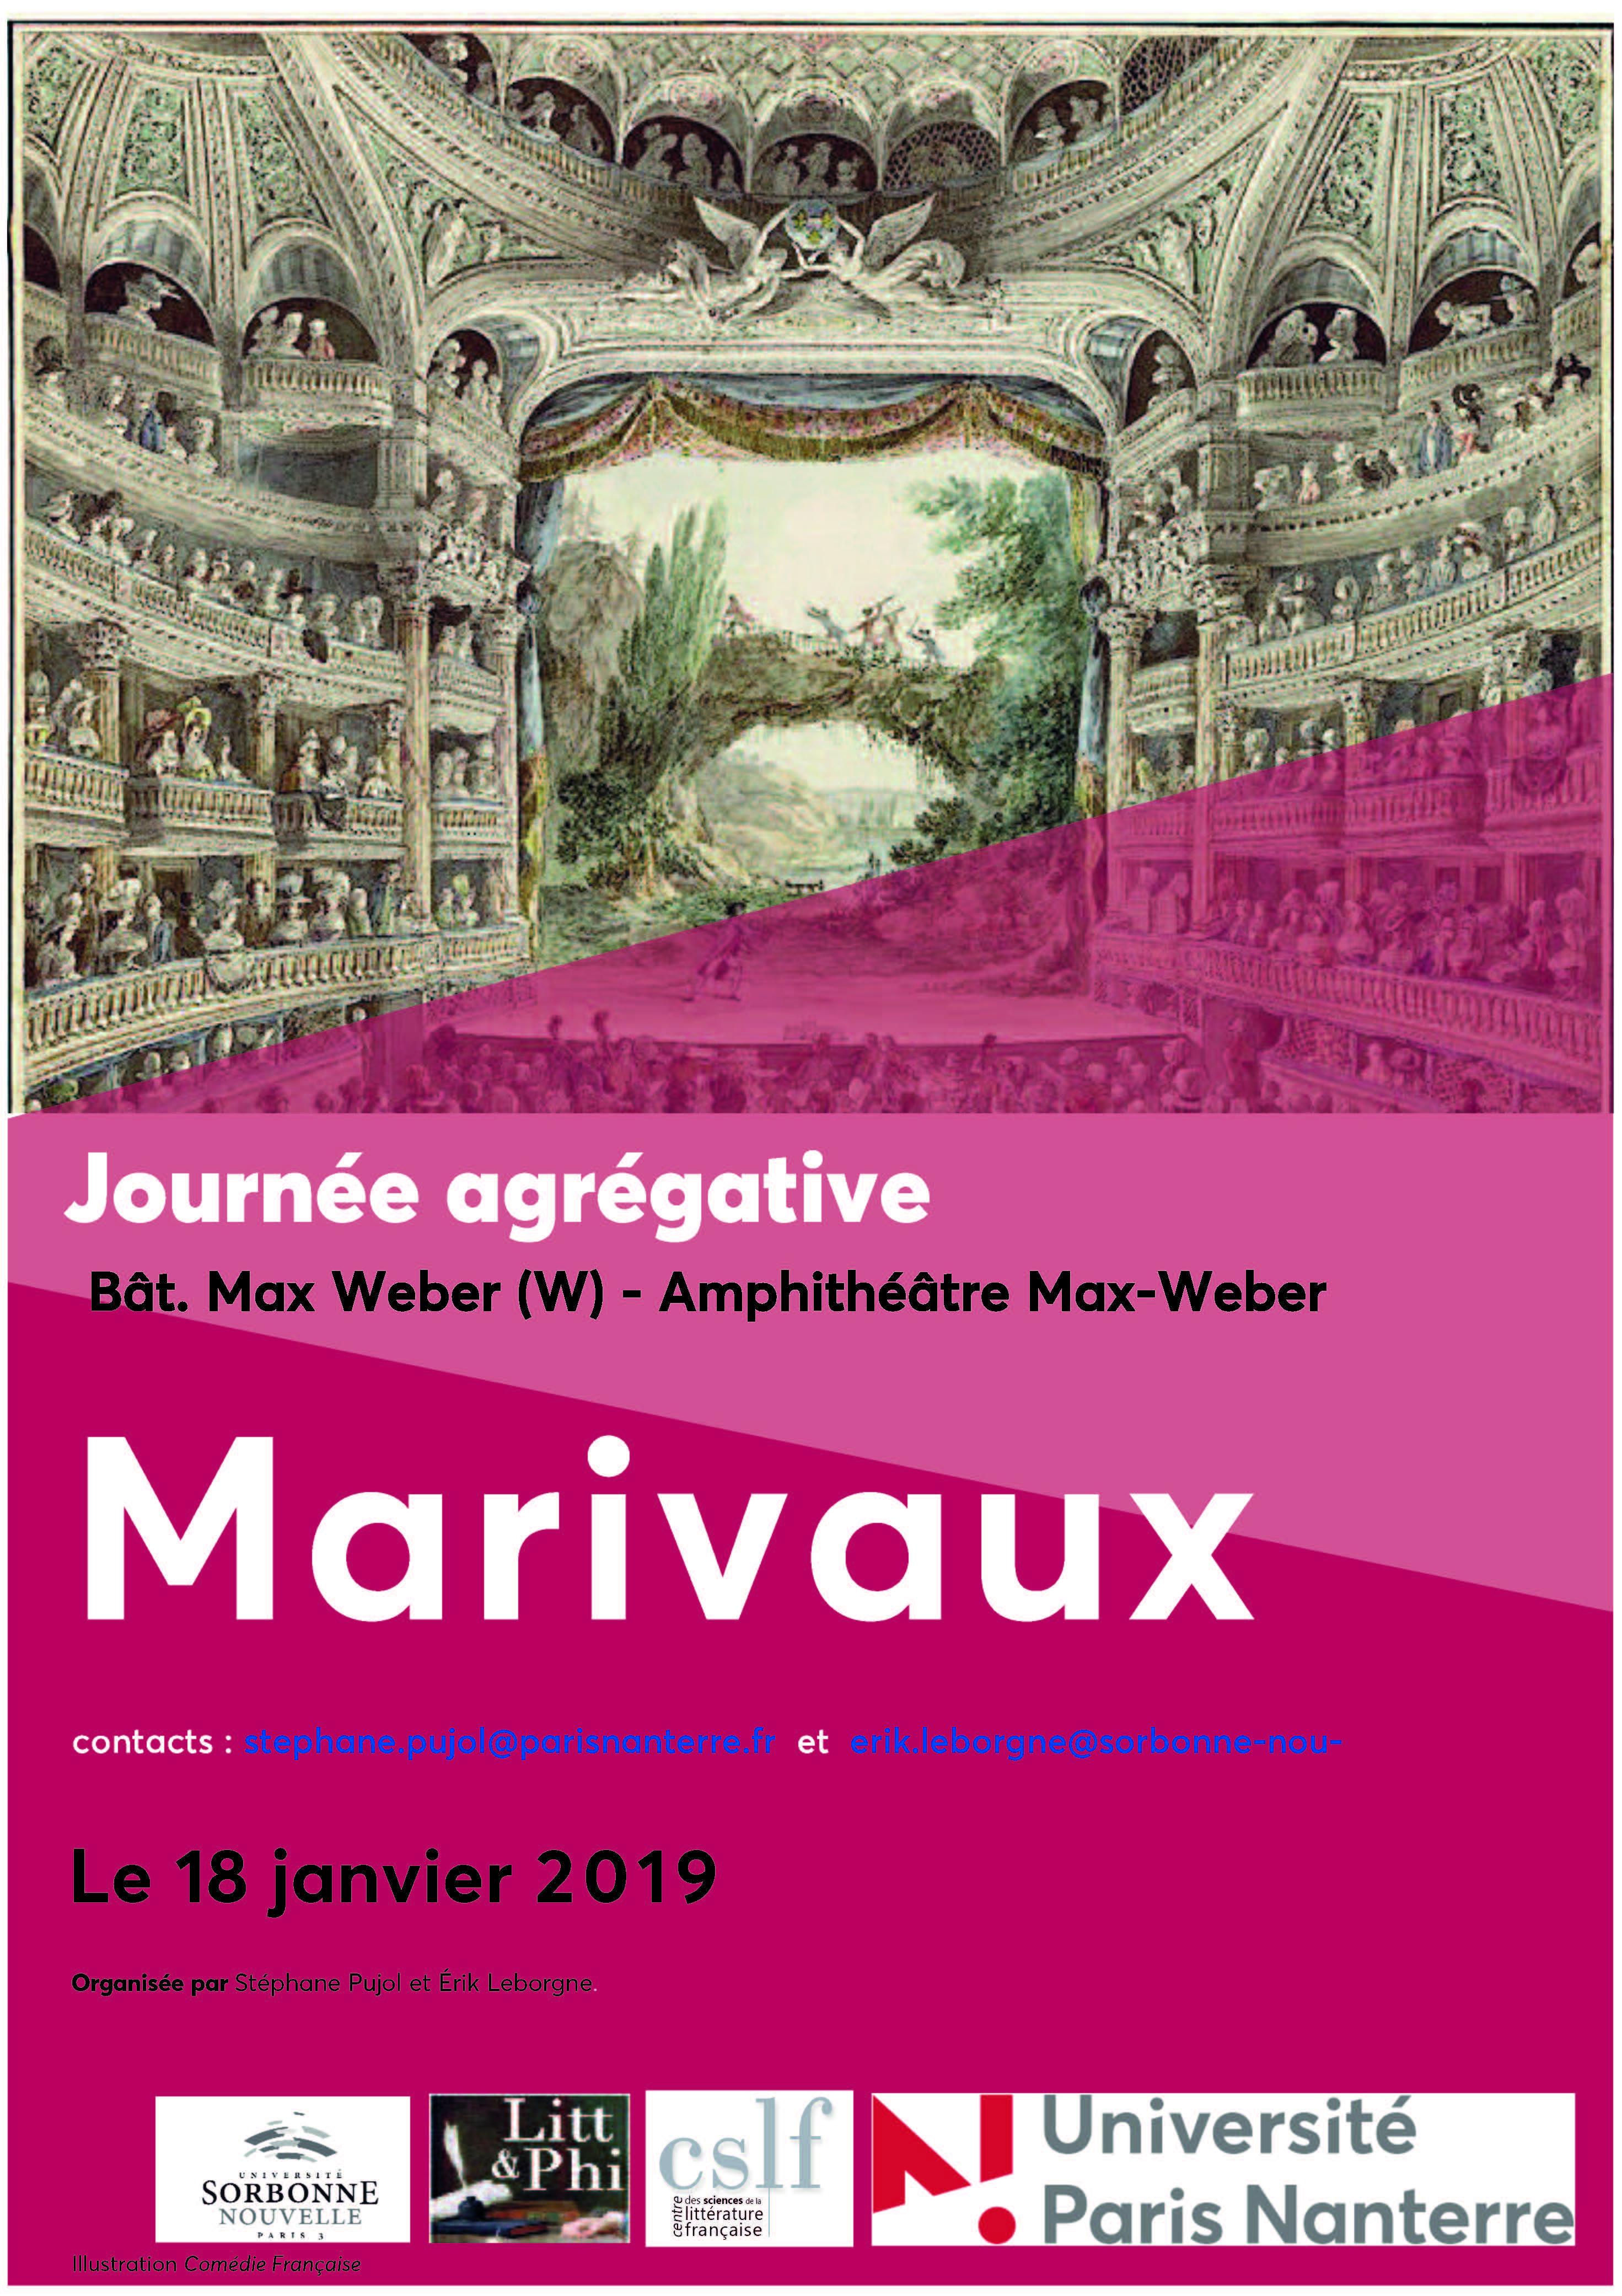 Journée agrégative sur Marivaux (Paris-Nanterre)